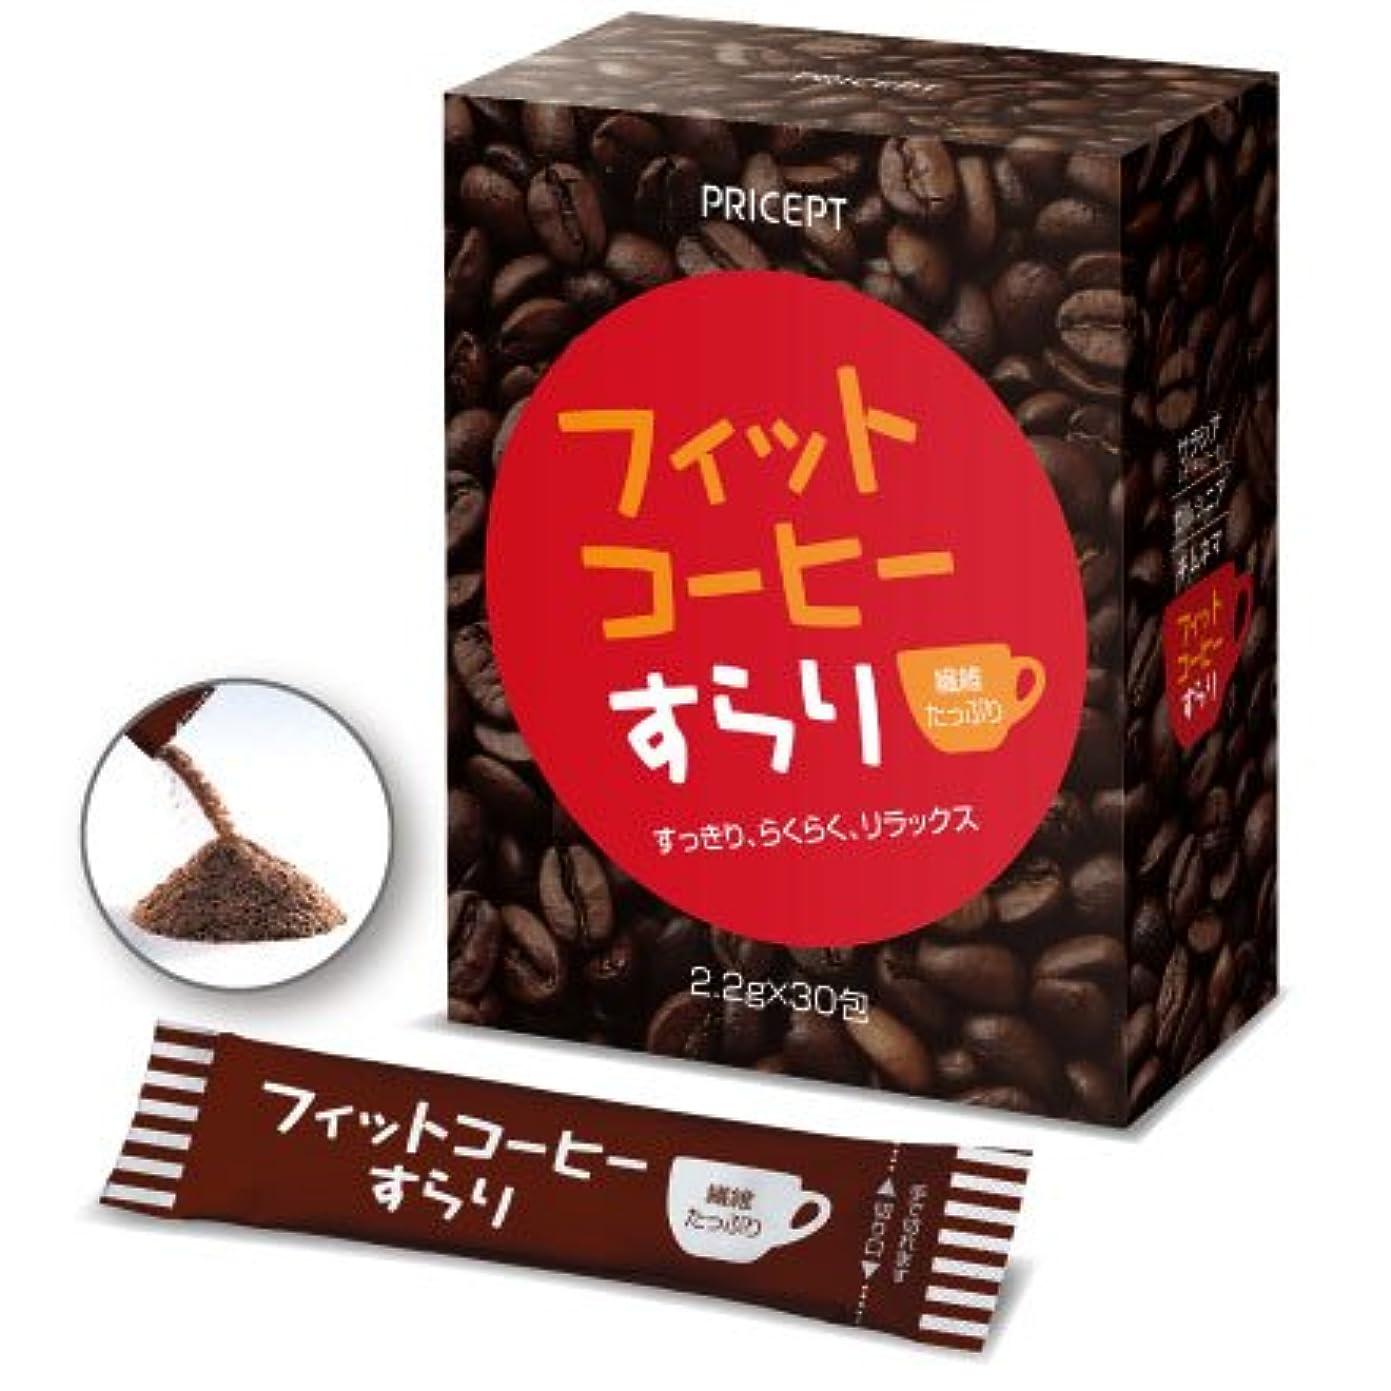 西脚本権限プリセプト フィットコーヒーすらり 30包【単品】(ダイエットサポートコーヒー)